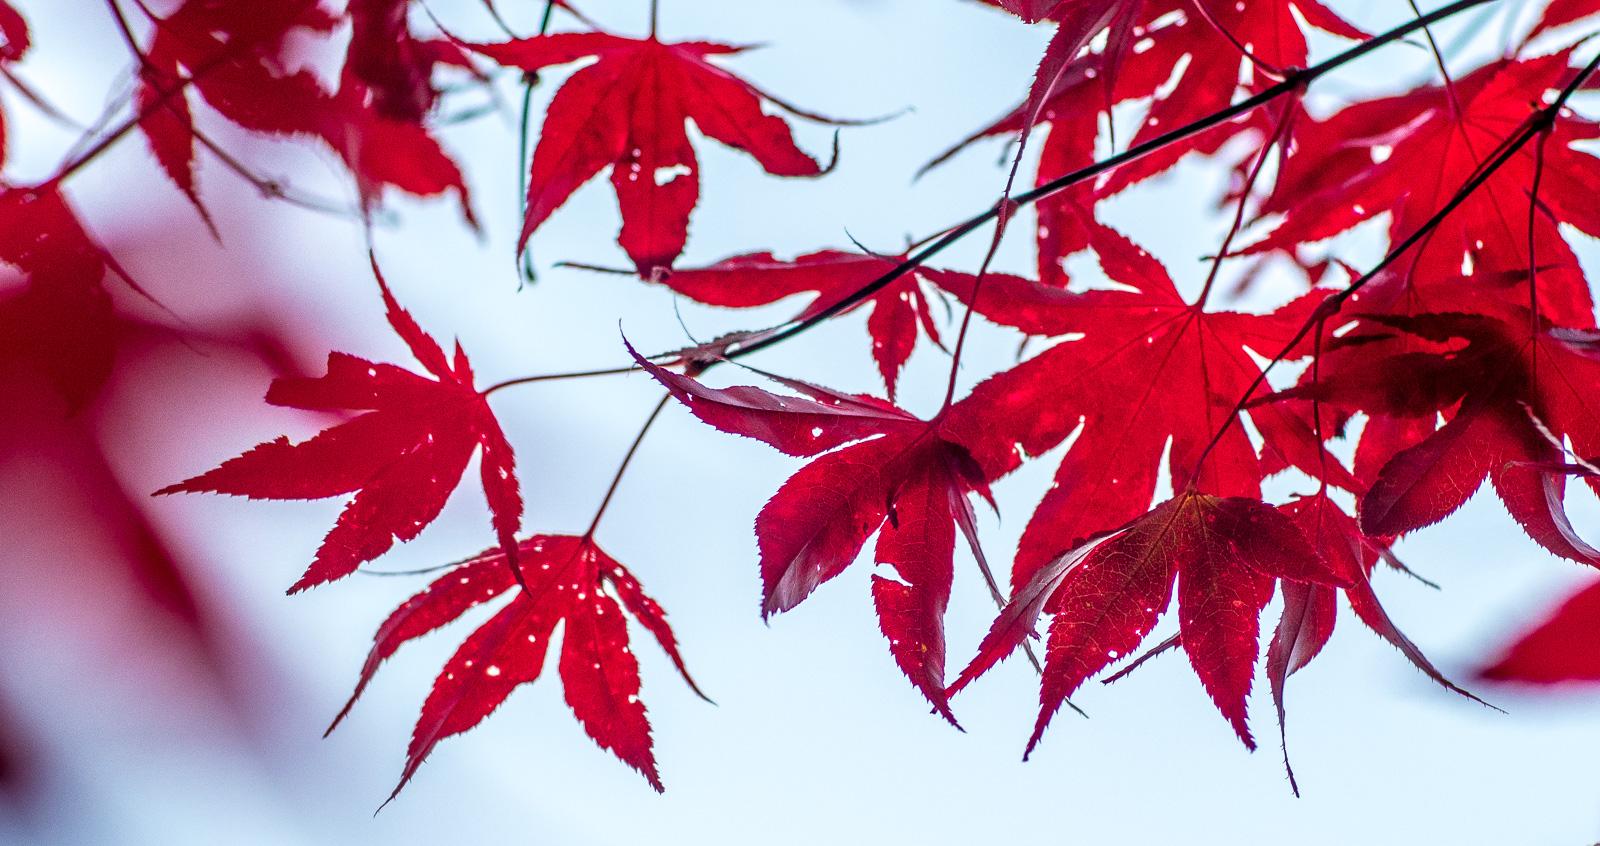 Rote Ahornblätter dominant vor blauem Himmel. Eine Farbkombination, die man am 4. November 2020 nicht gern gesehen hat.